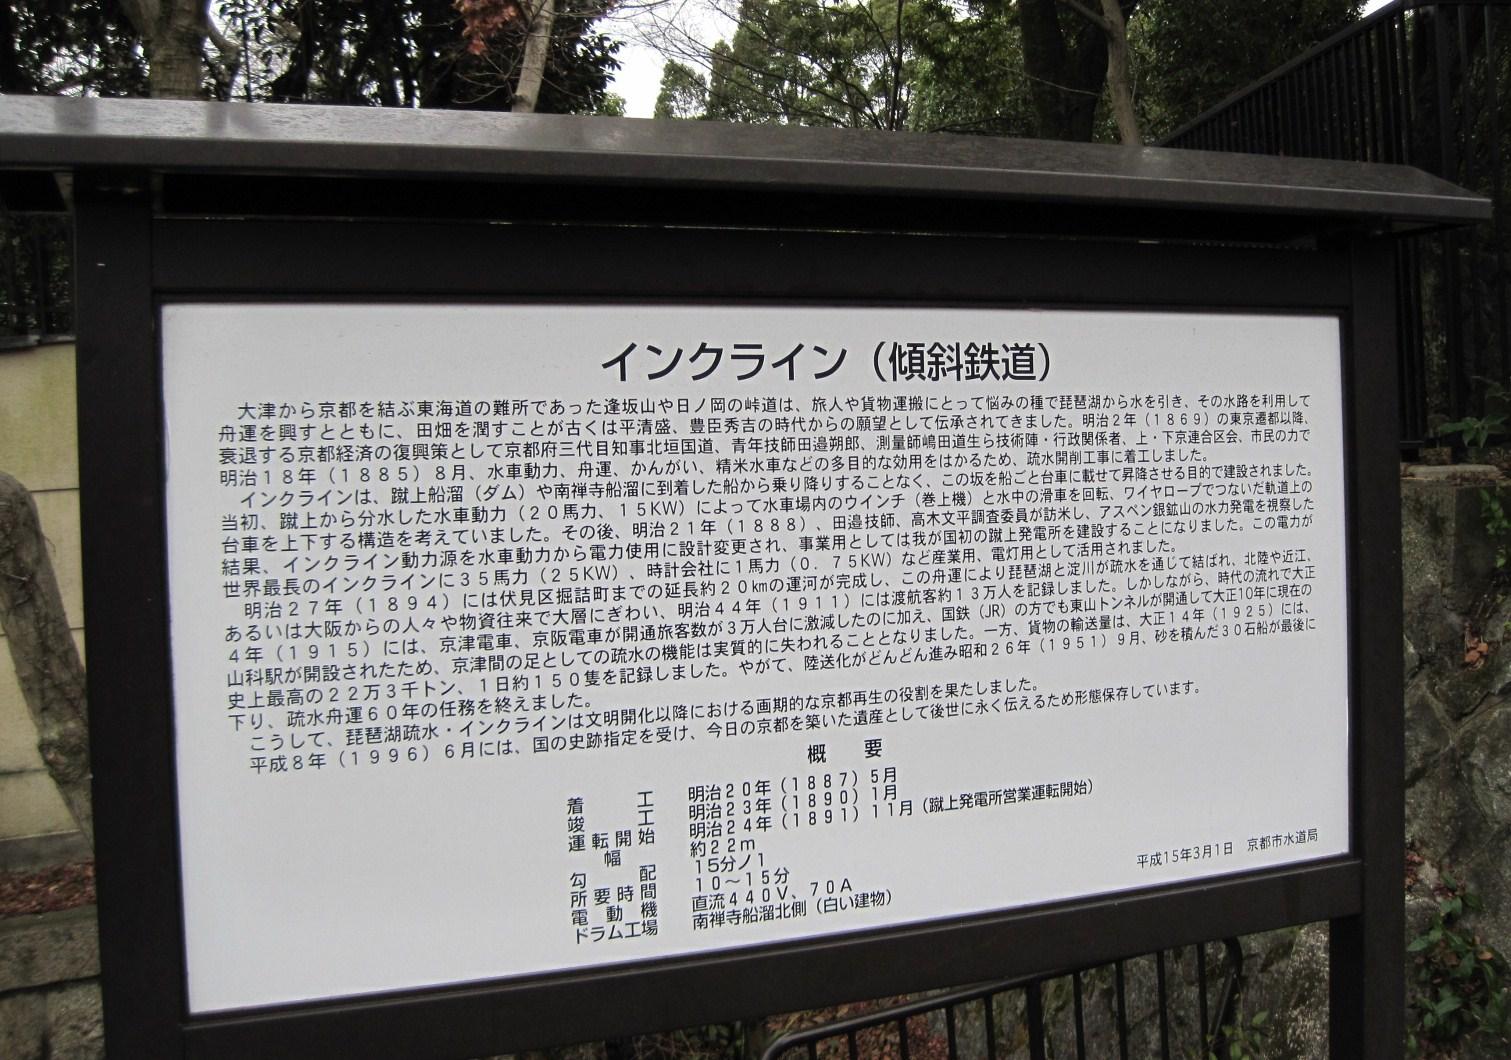 食い倒れのお正月 ④ 祇園~蹴上_f0236260_2192217.jpg